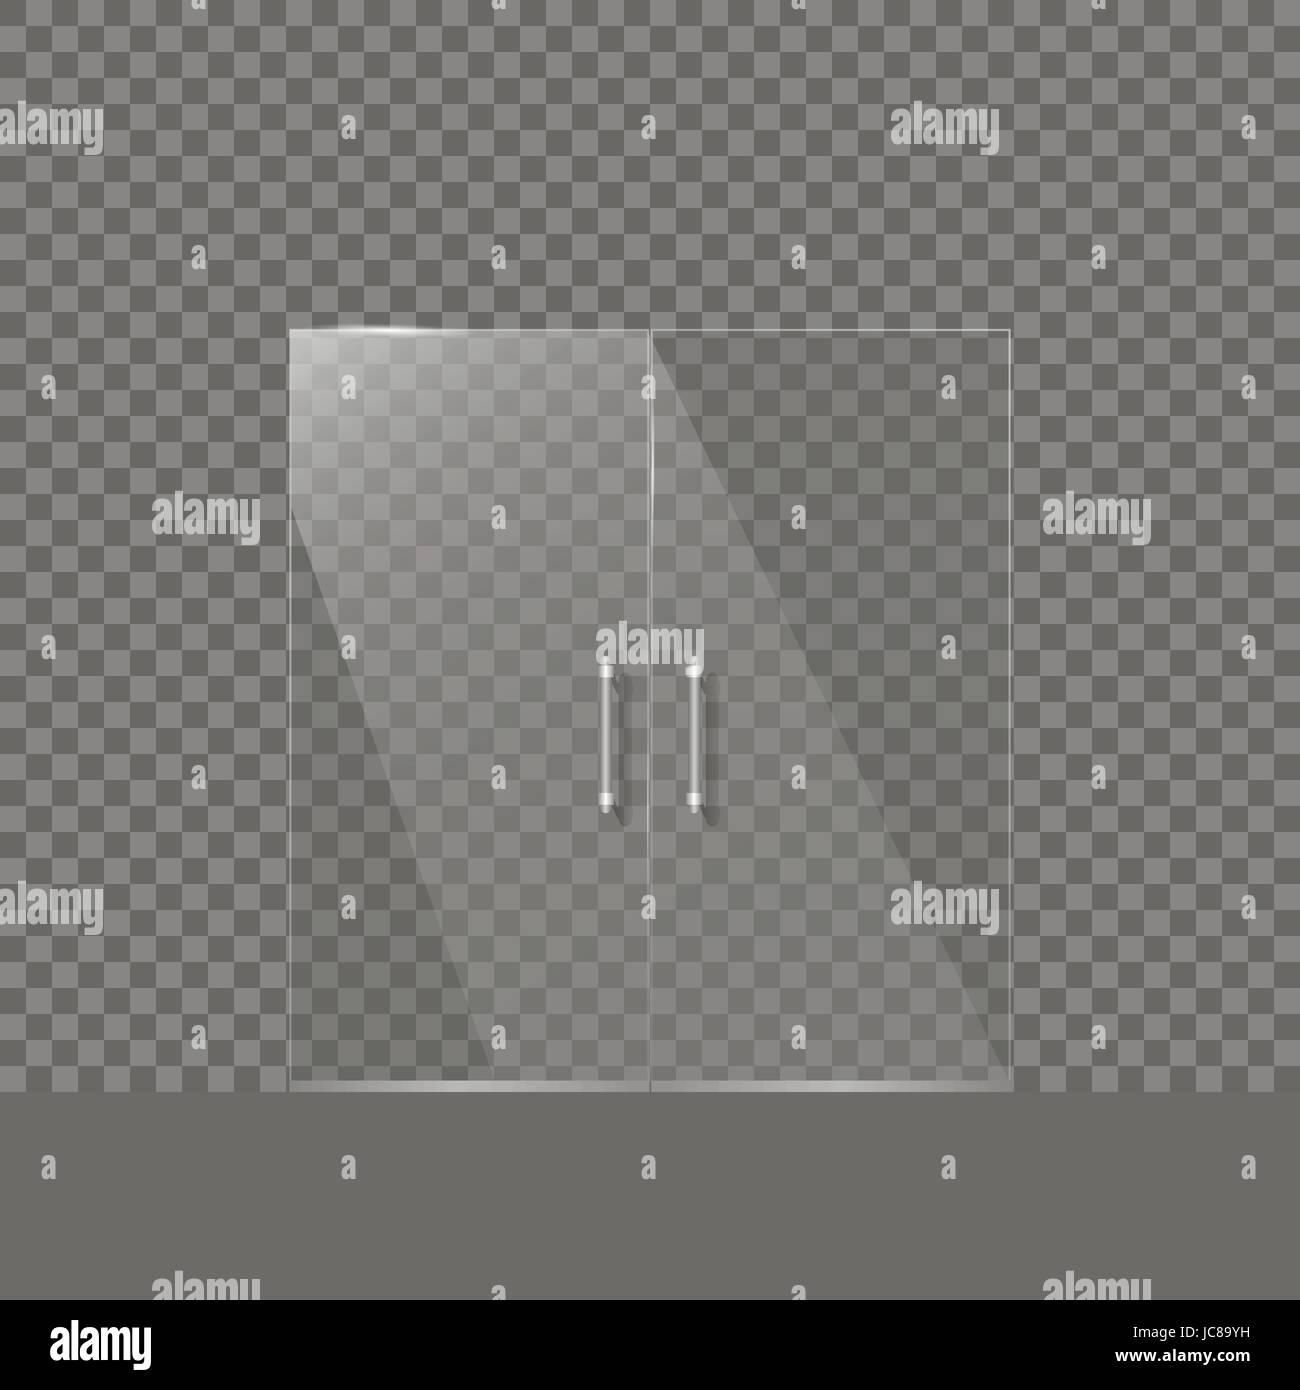 Transparent Glass Door   Stock Vector